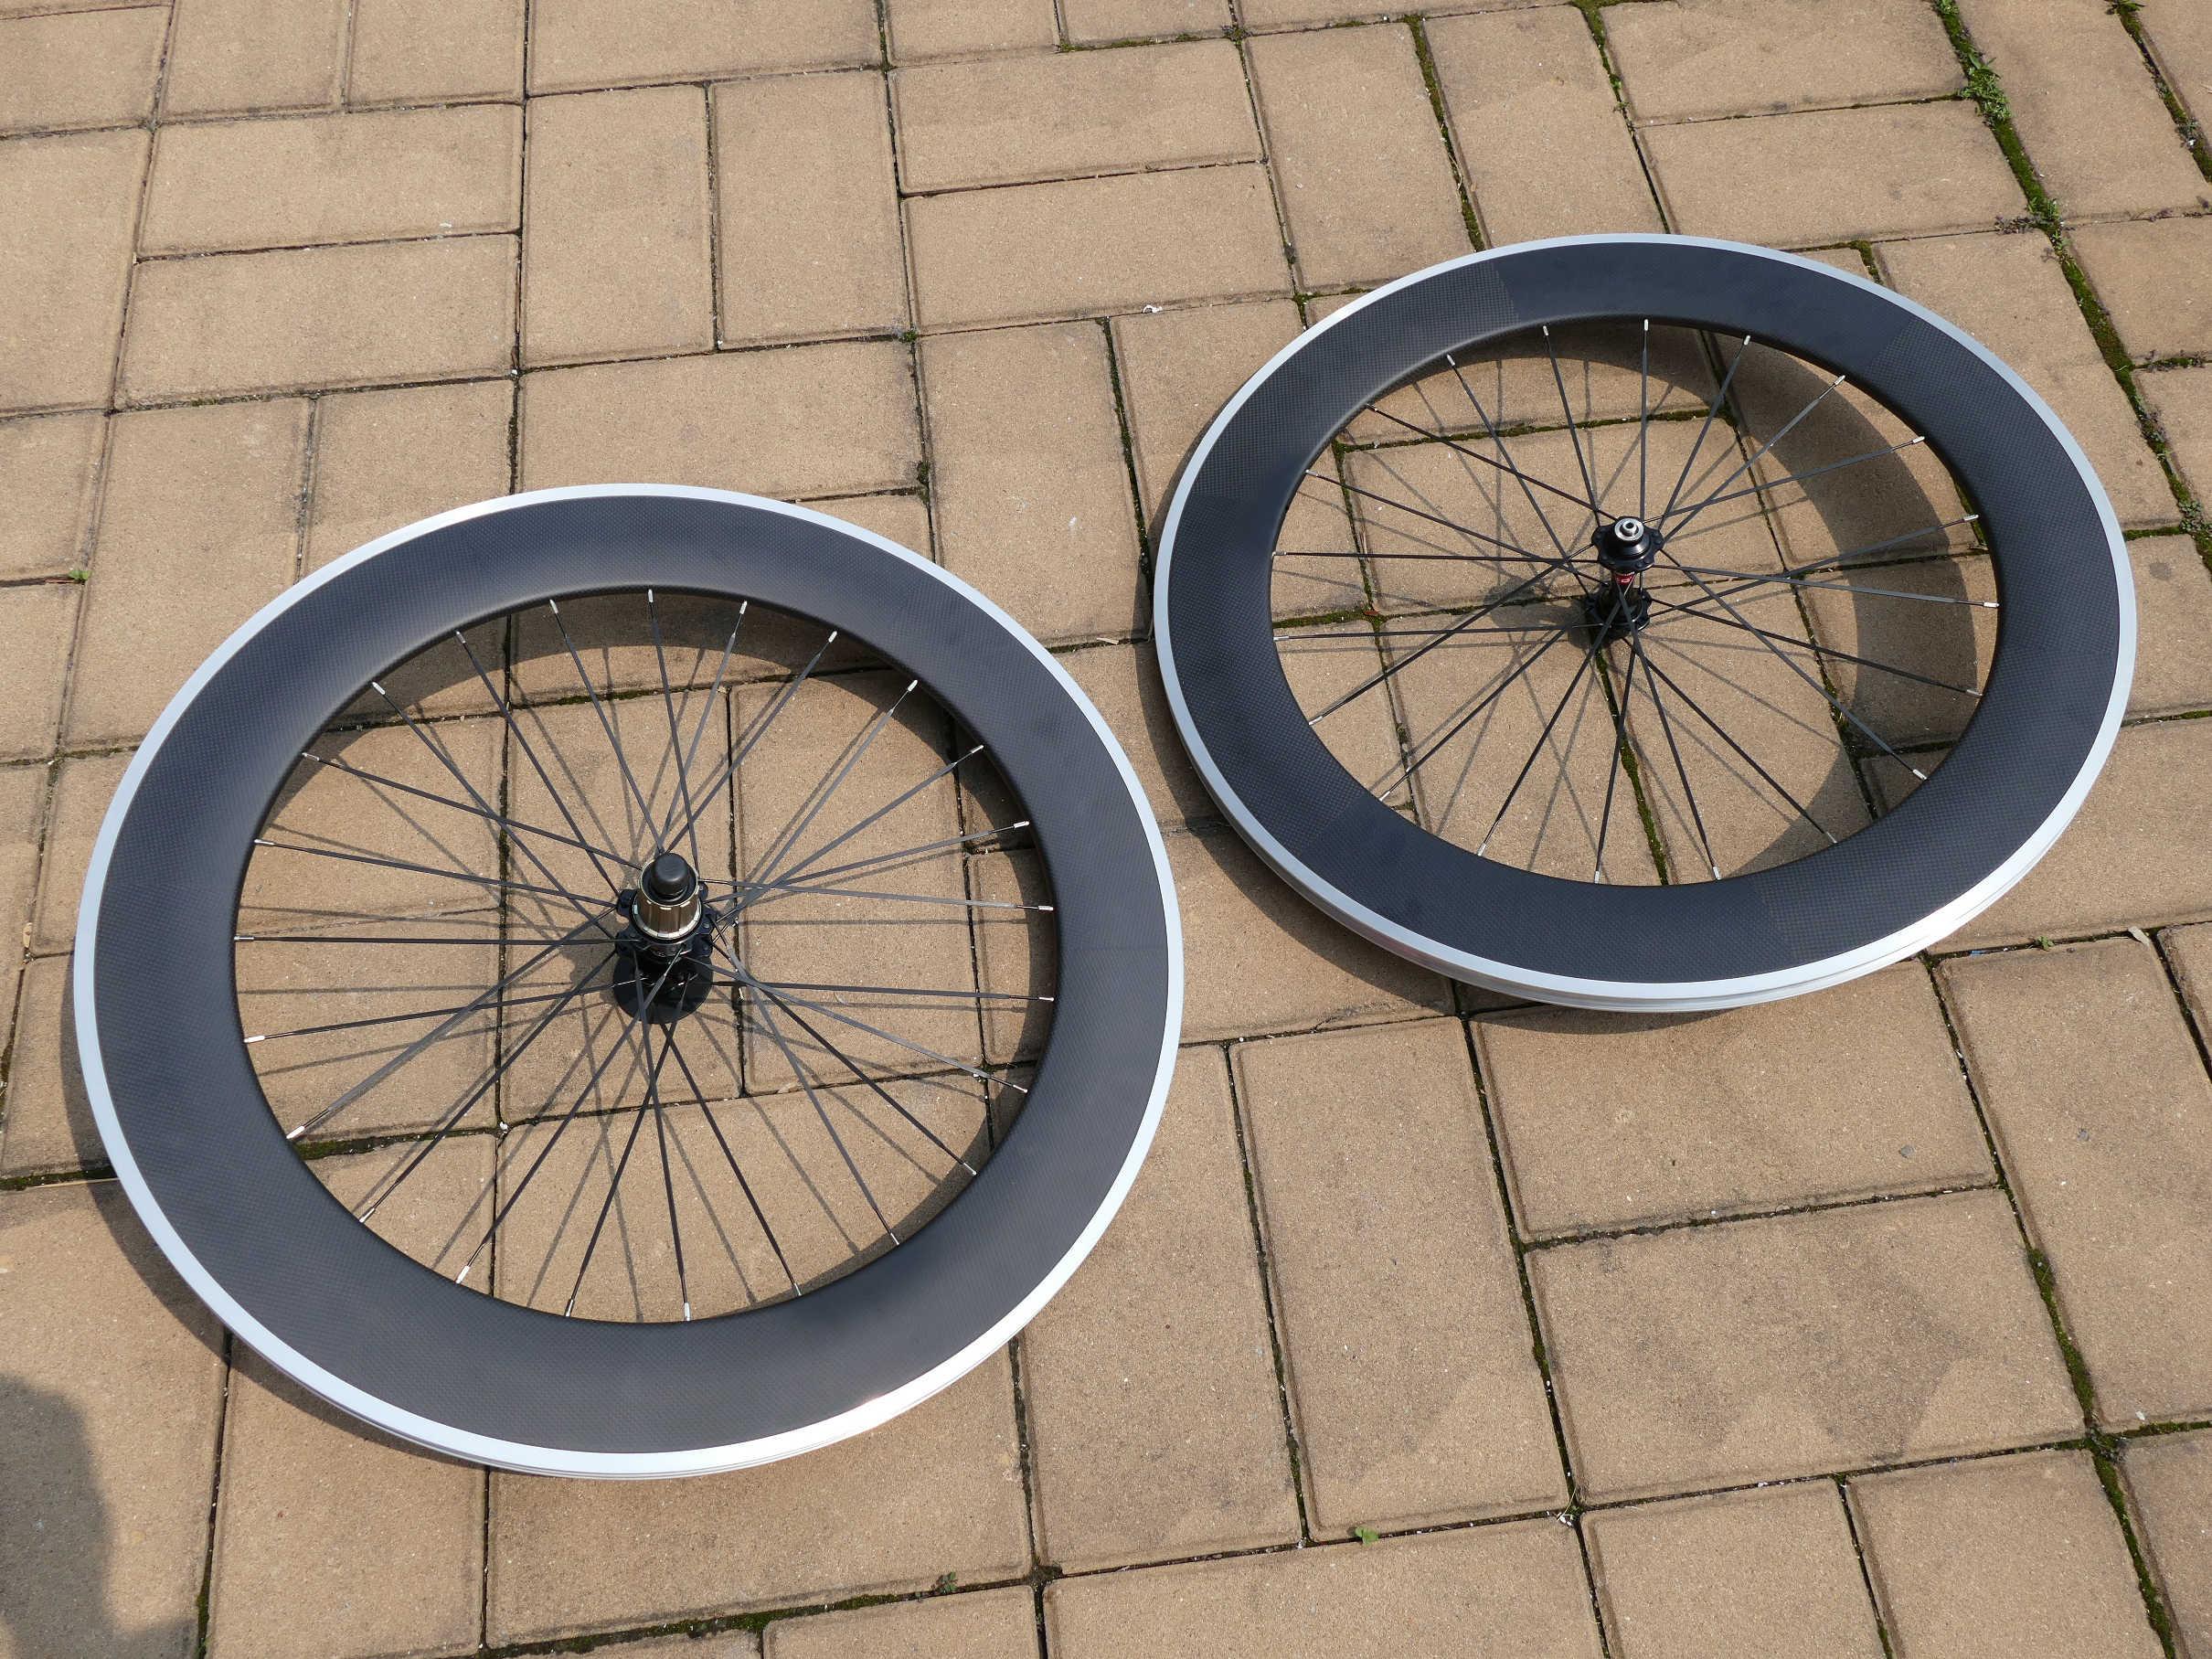 CW28 haute qualité flambant neuf vélo de route en carbone 700C roues à pneu (côté frein en alliage) profondeur de jante 80mm largeur 25mm